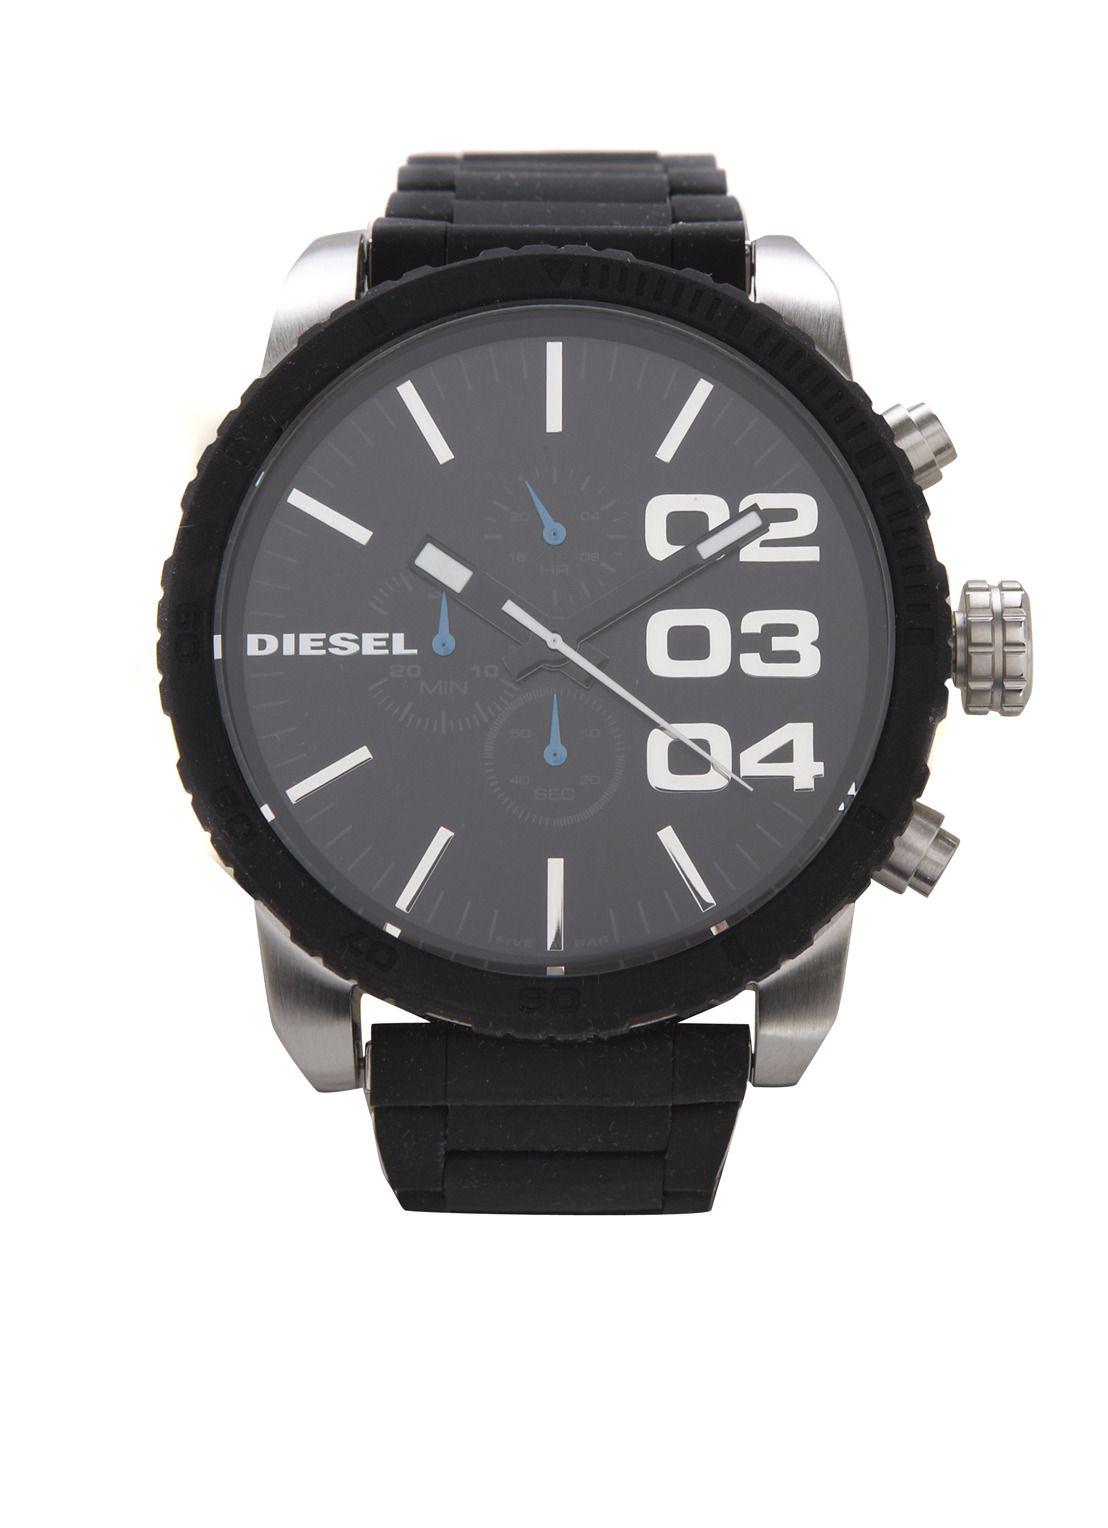 Diesel Herenhorloge met schakelband • de Bijenkorf